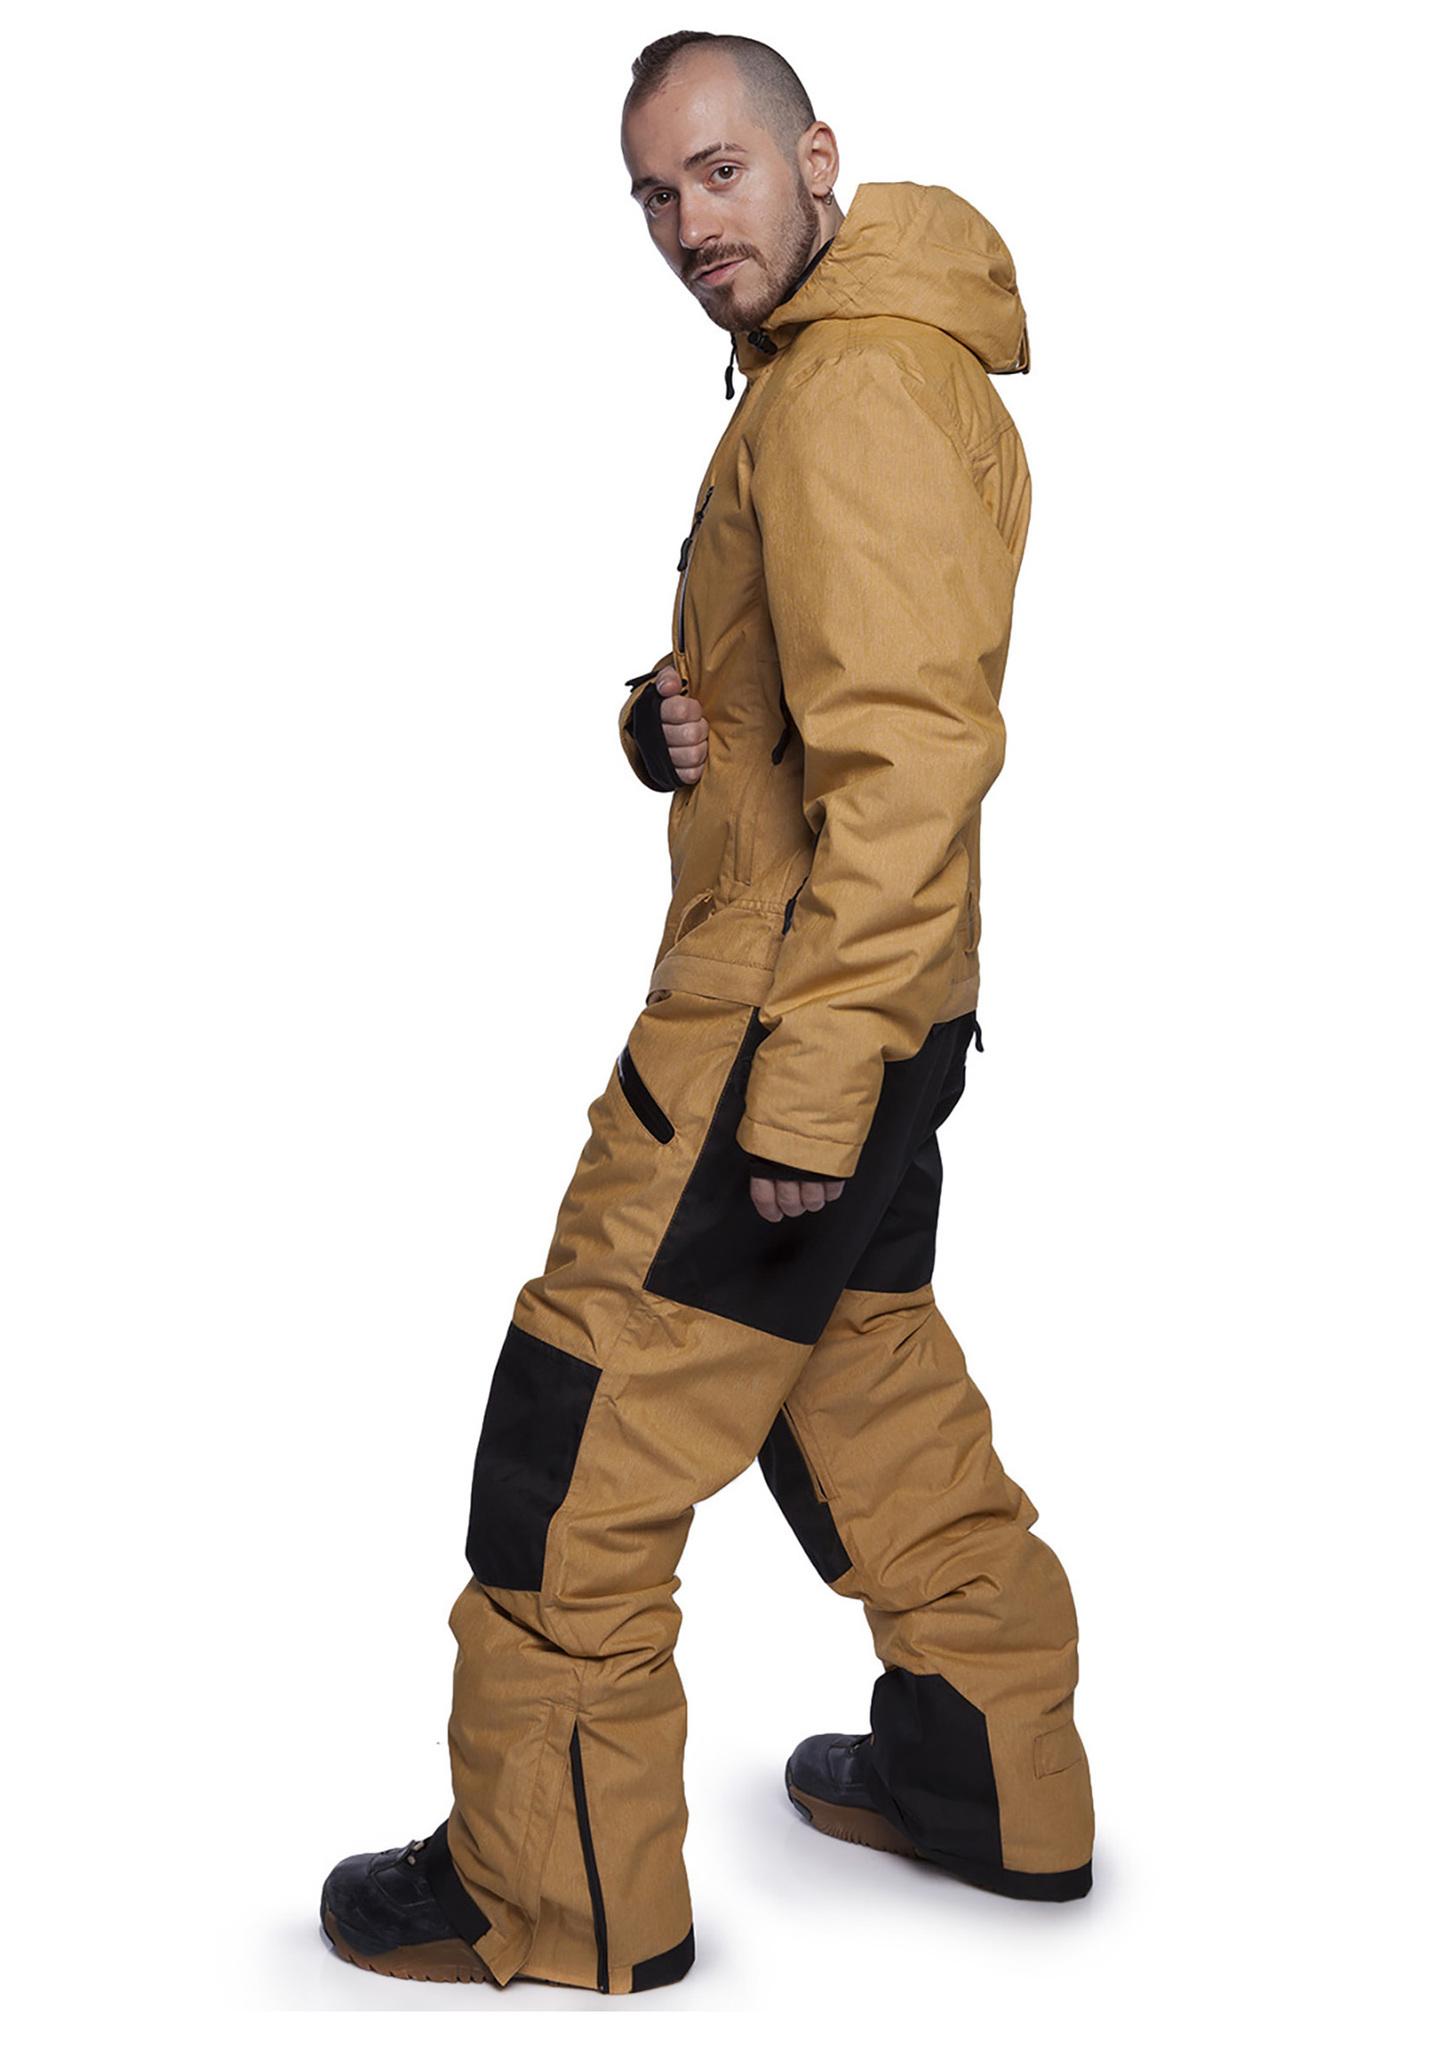 Утепленный комбинезон Cool Zone Kite (Кул зон) желтый меланж для сноуборда и кайтинга